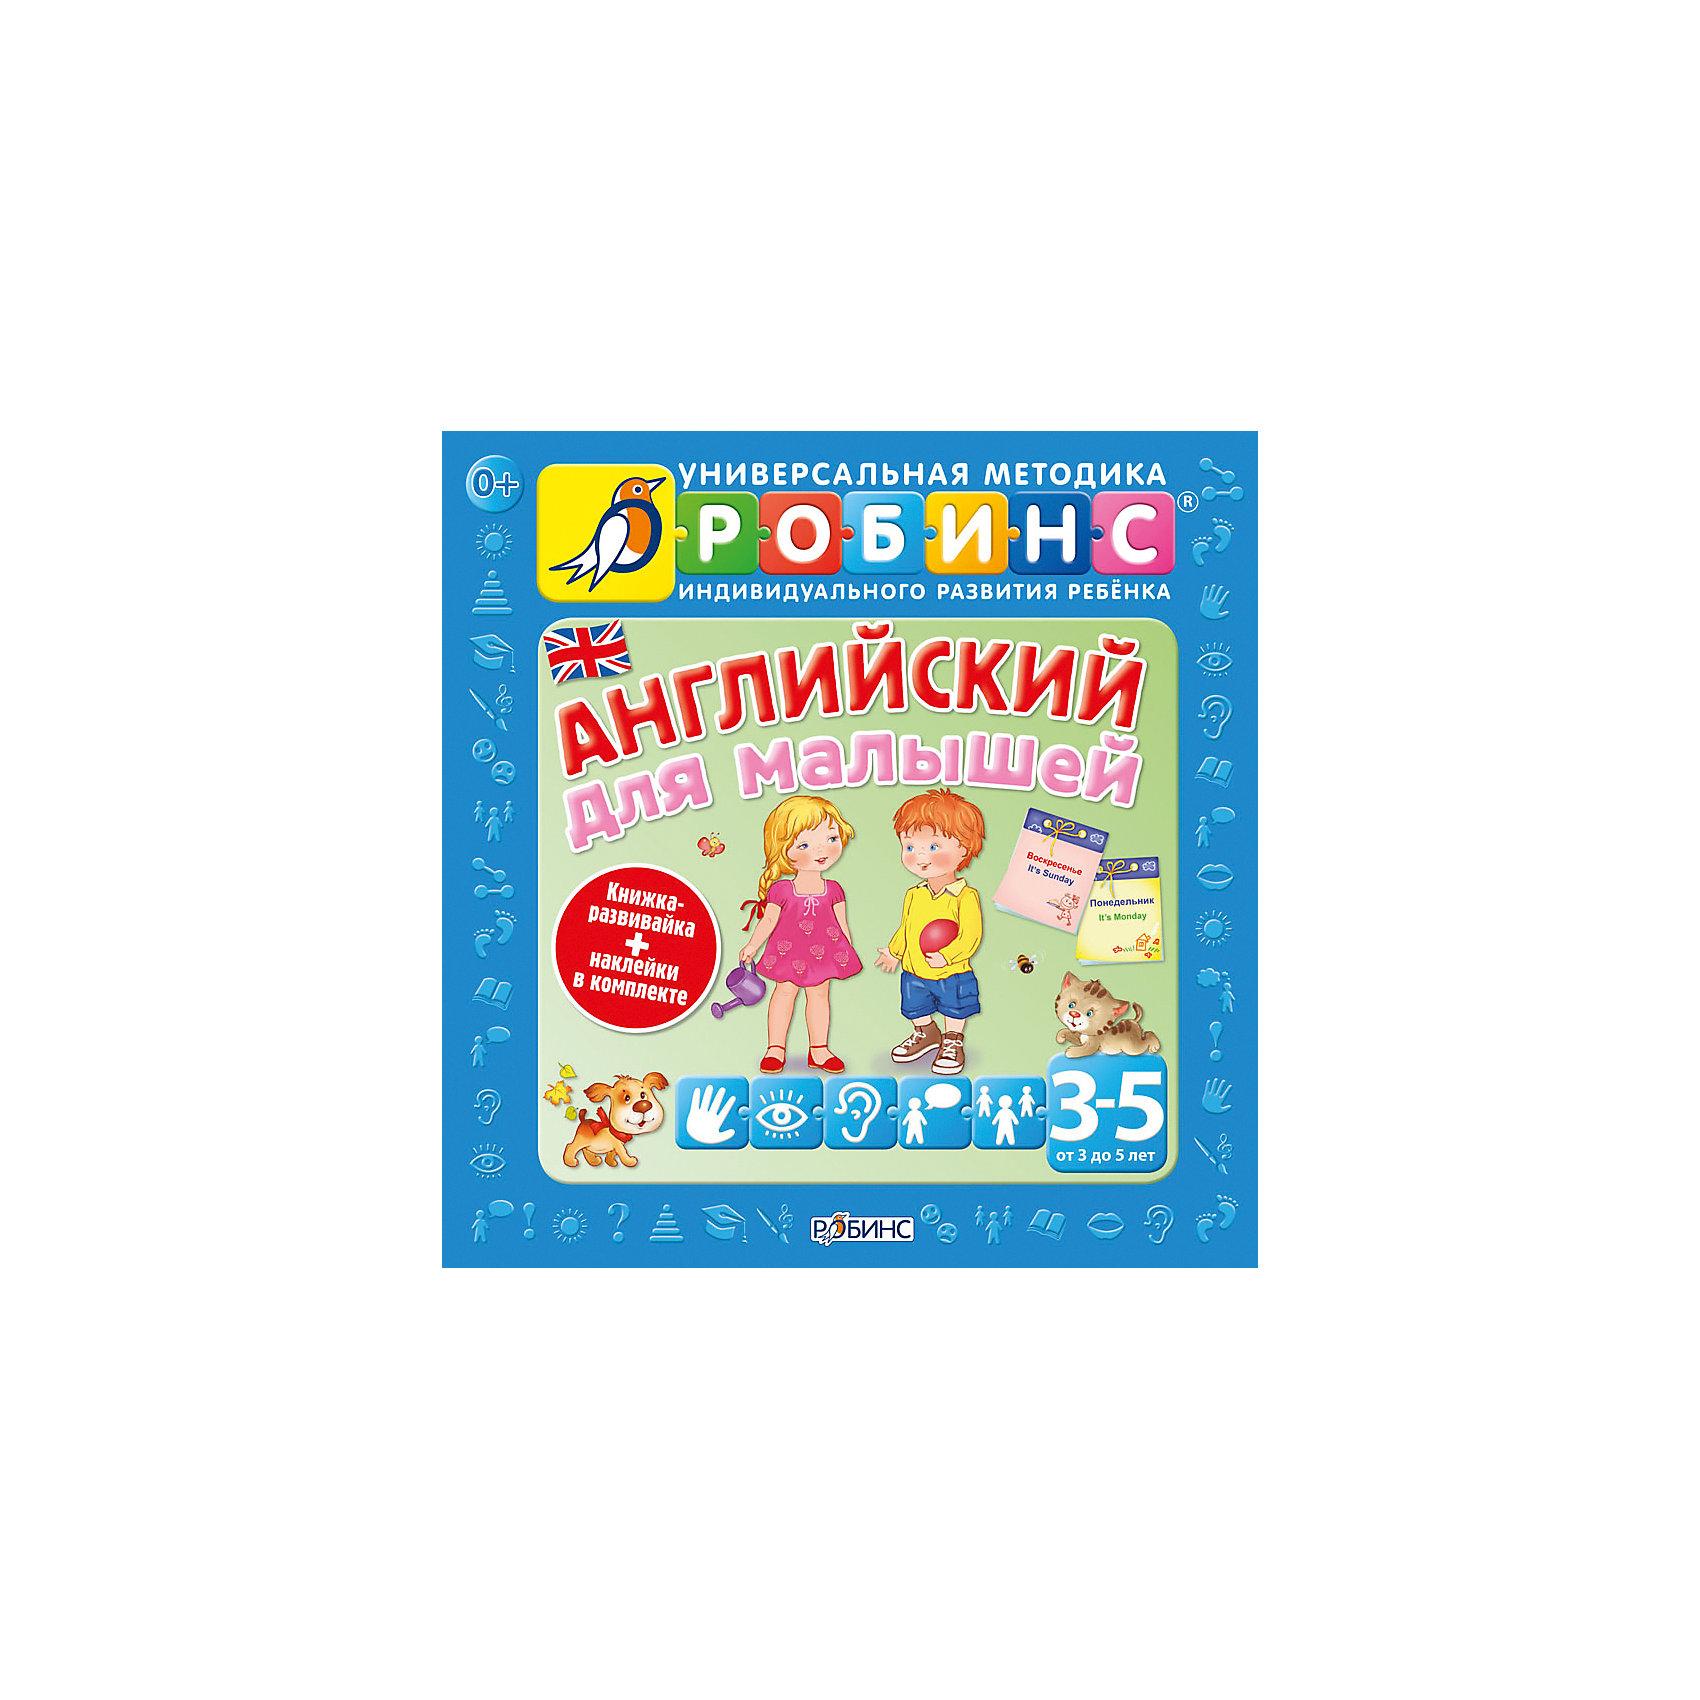 Английский для малышейРобинс<br>Уникальные пособие, с помощью которого ваш ребёнок выучит свои первые английские фразы. Занятия английским языком способствуют развитию речи, улучшению памяти и внимания, помогают в развитии социальных навыков. Подобранные фраз очень просты и вашему ребенку будет несложно запомнить их.<br><br>Ширина мм: 215<br>Глубина мм: 210<br>Высота мм: 10<br>Вес г: 215<br>Возраст от месяцев: 36<br>Возраст до месяцев: 84<br>Пол: Унисекс<br>Возраст: Детский<br>SKU: 5034125